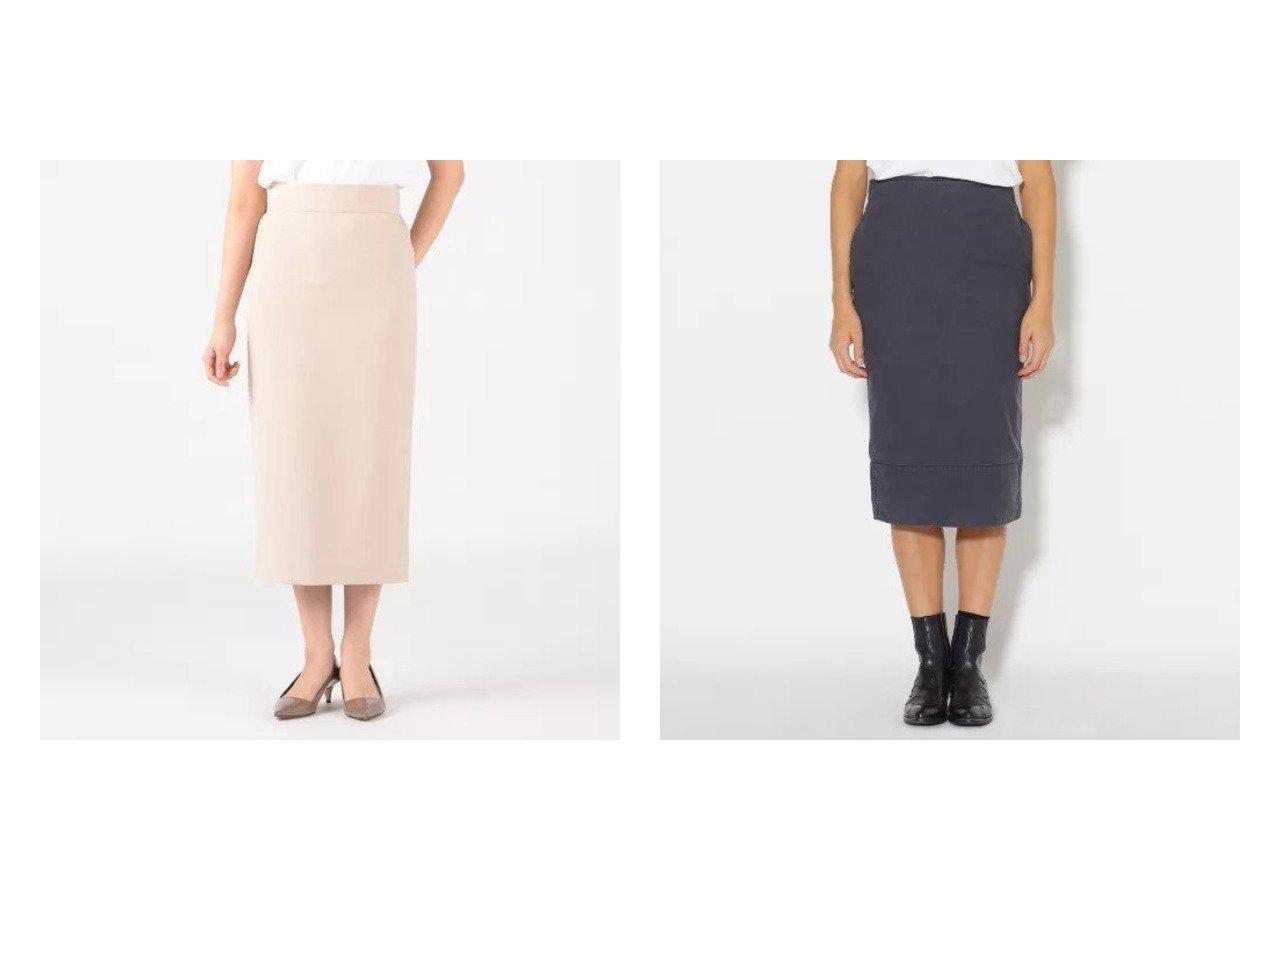 【MADISONBLUE/マディソンブルー】のSOFIE バックサテンタイトロングスカート&【Tiara/ティアラ】のサイドスリットタイトスカート 【スカート】おすすめ!人気、トレンド・レディースファッションの通販 おすすめで人気の流行・トレンド、ファッションの通販商品 インテリア・家具・メンズファッション・キッズファッション・レディースファッション・服の通販 founy(ファニー) https://founy.com/ ファッション Fashion レディースファッション WOMEN スカート Skirt ロングスカート Long Skirt バッグ Bag スリット ハーフ マキシ リュクス ロング A/W・秋冬 AW・Autumn/Winter・FW・Fall-Winter タイトスカート |ID:crp329100000045128